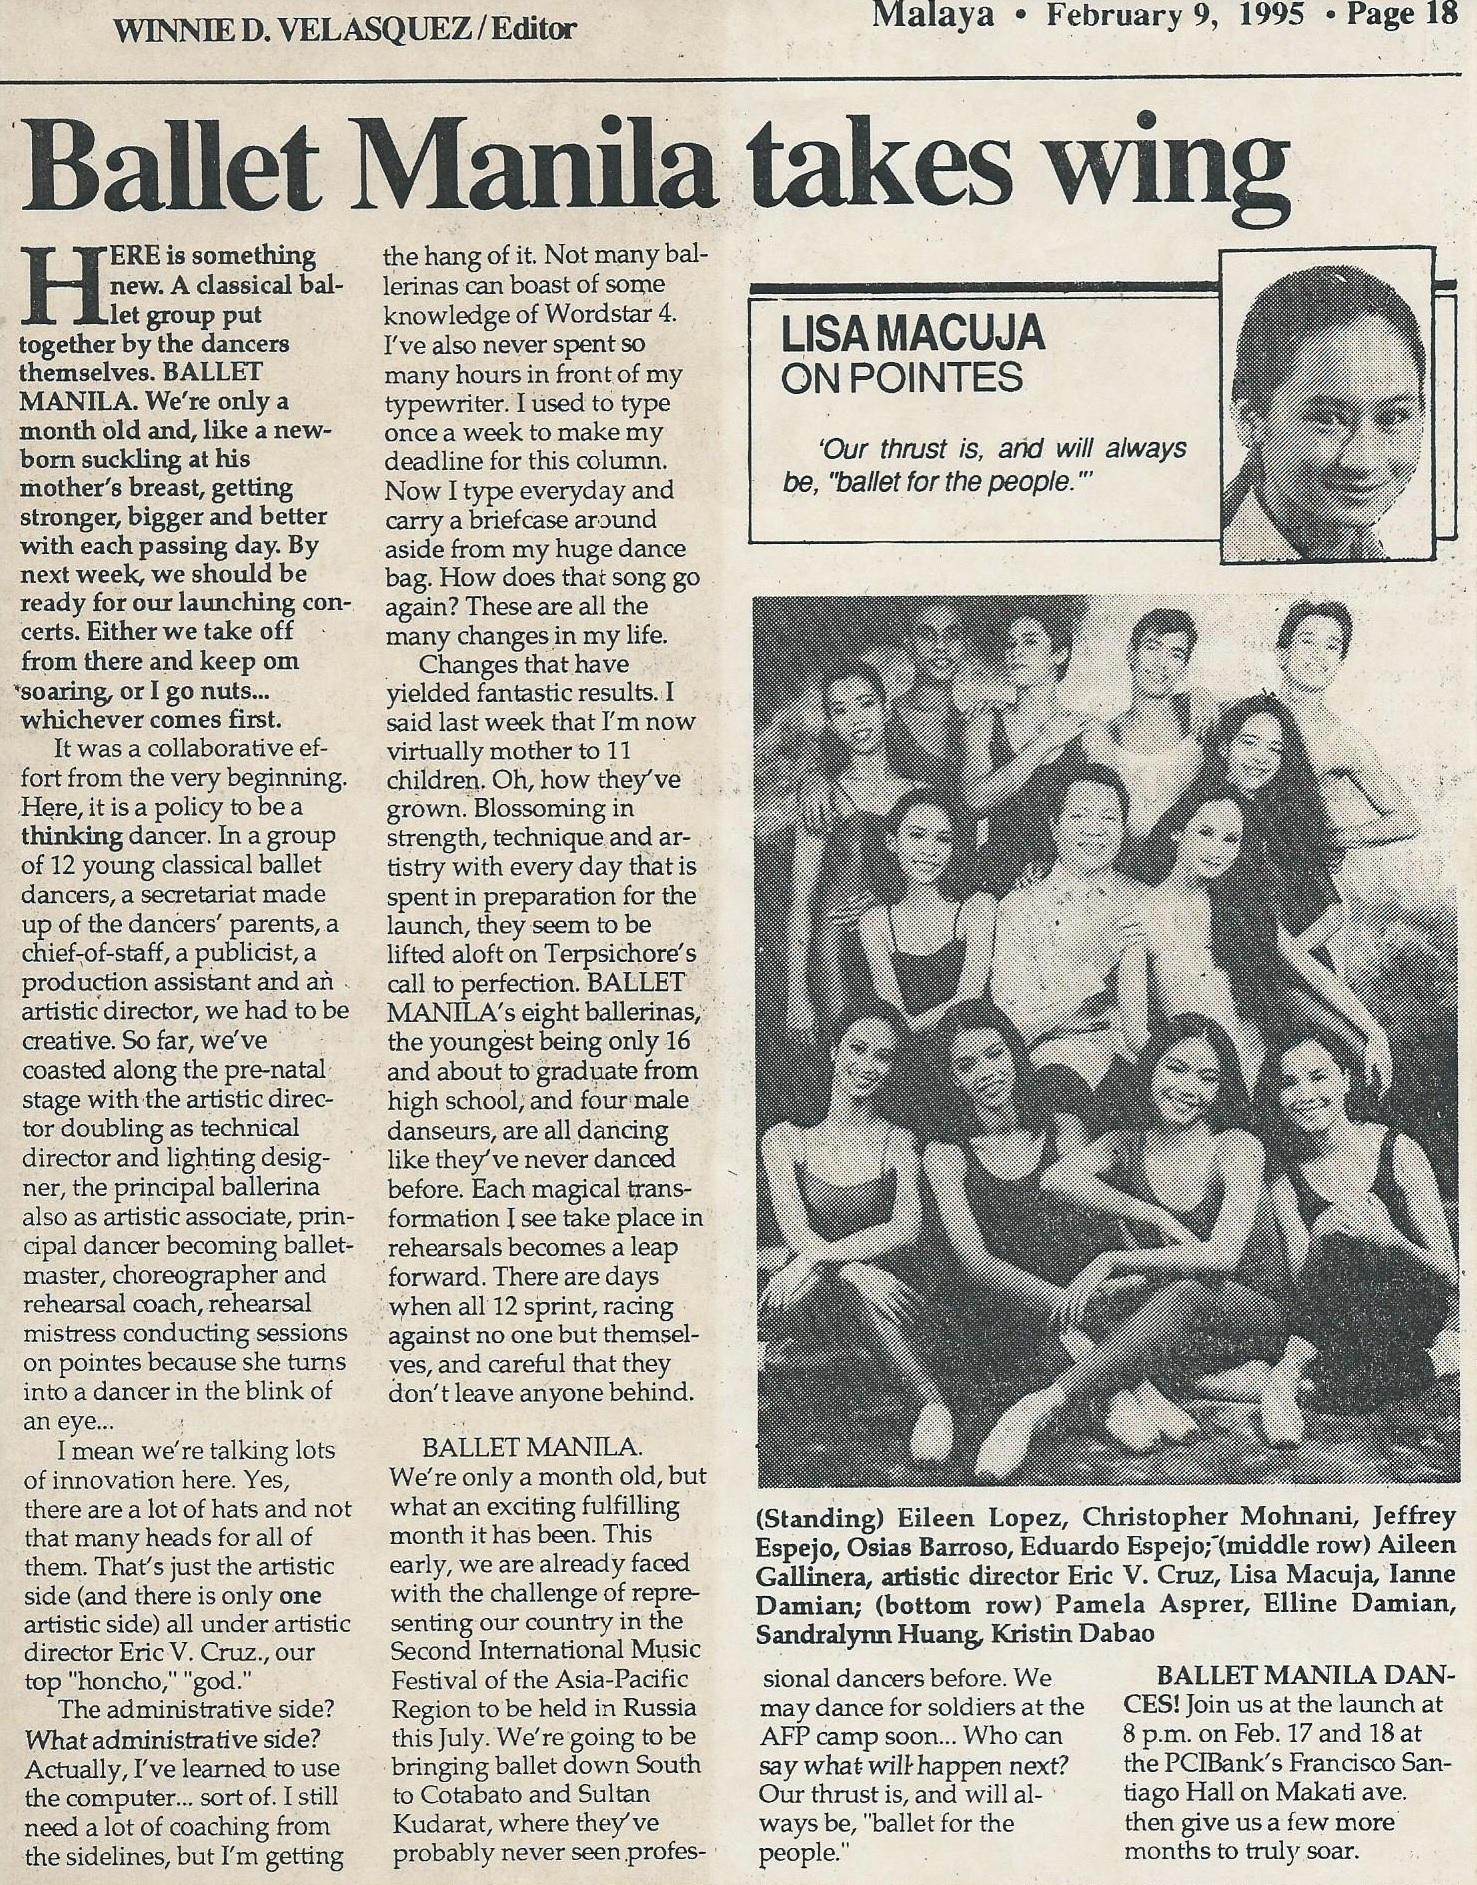 Ballet Manila takes wing